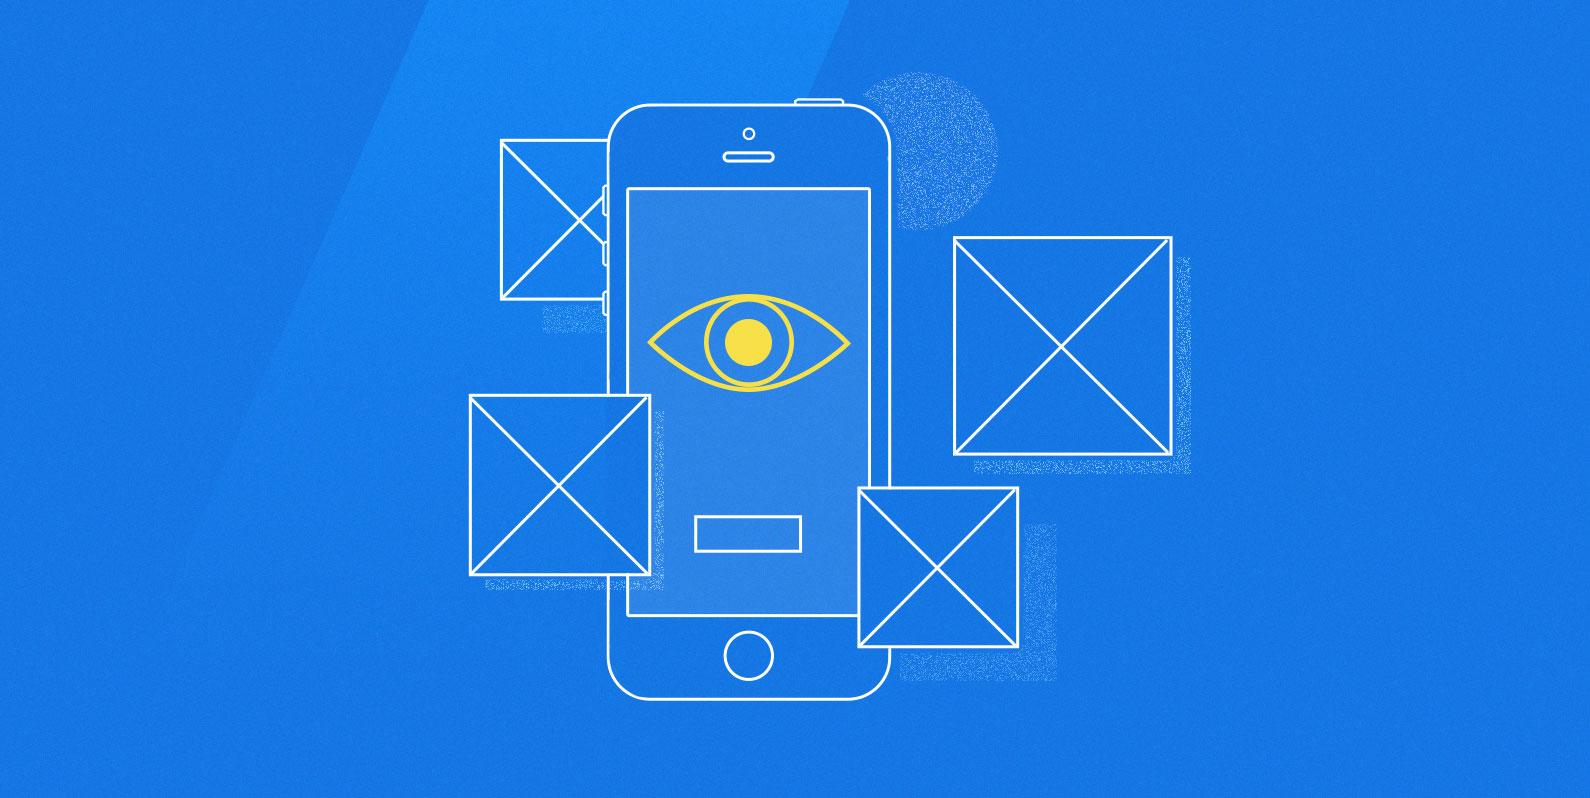 #Desafios da digitalização | por Infobase – Novos modelos de negócio